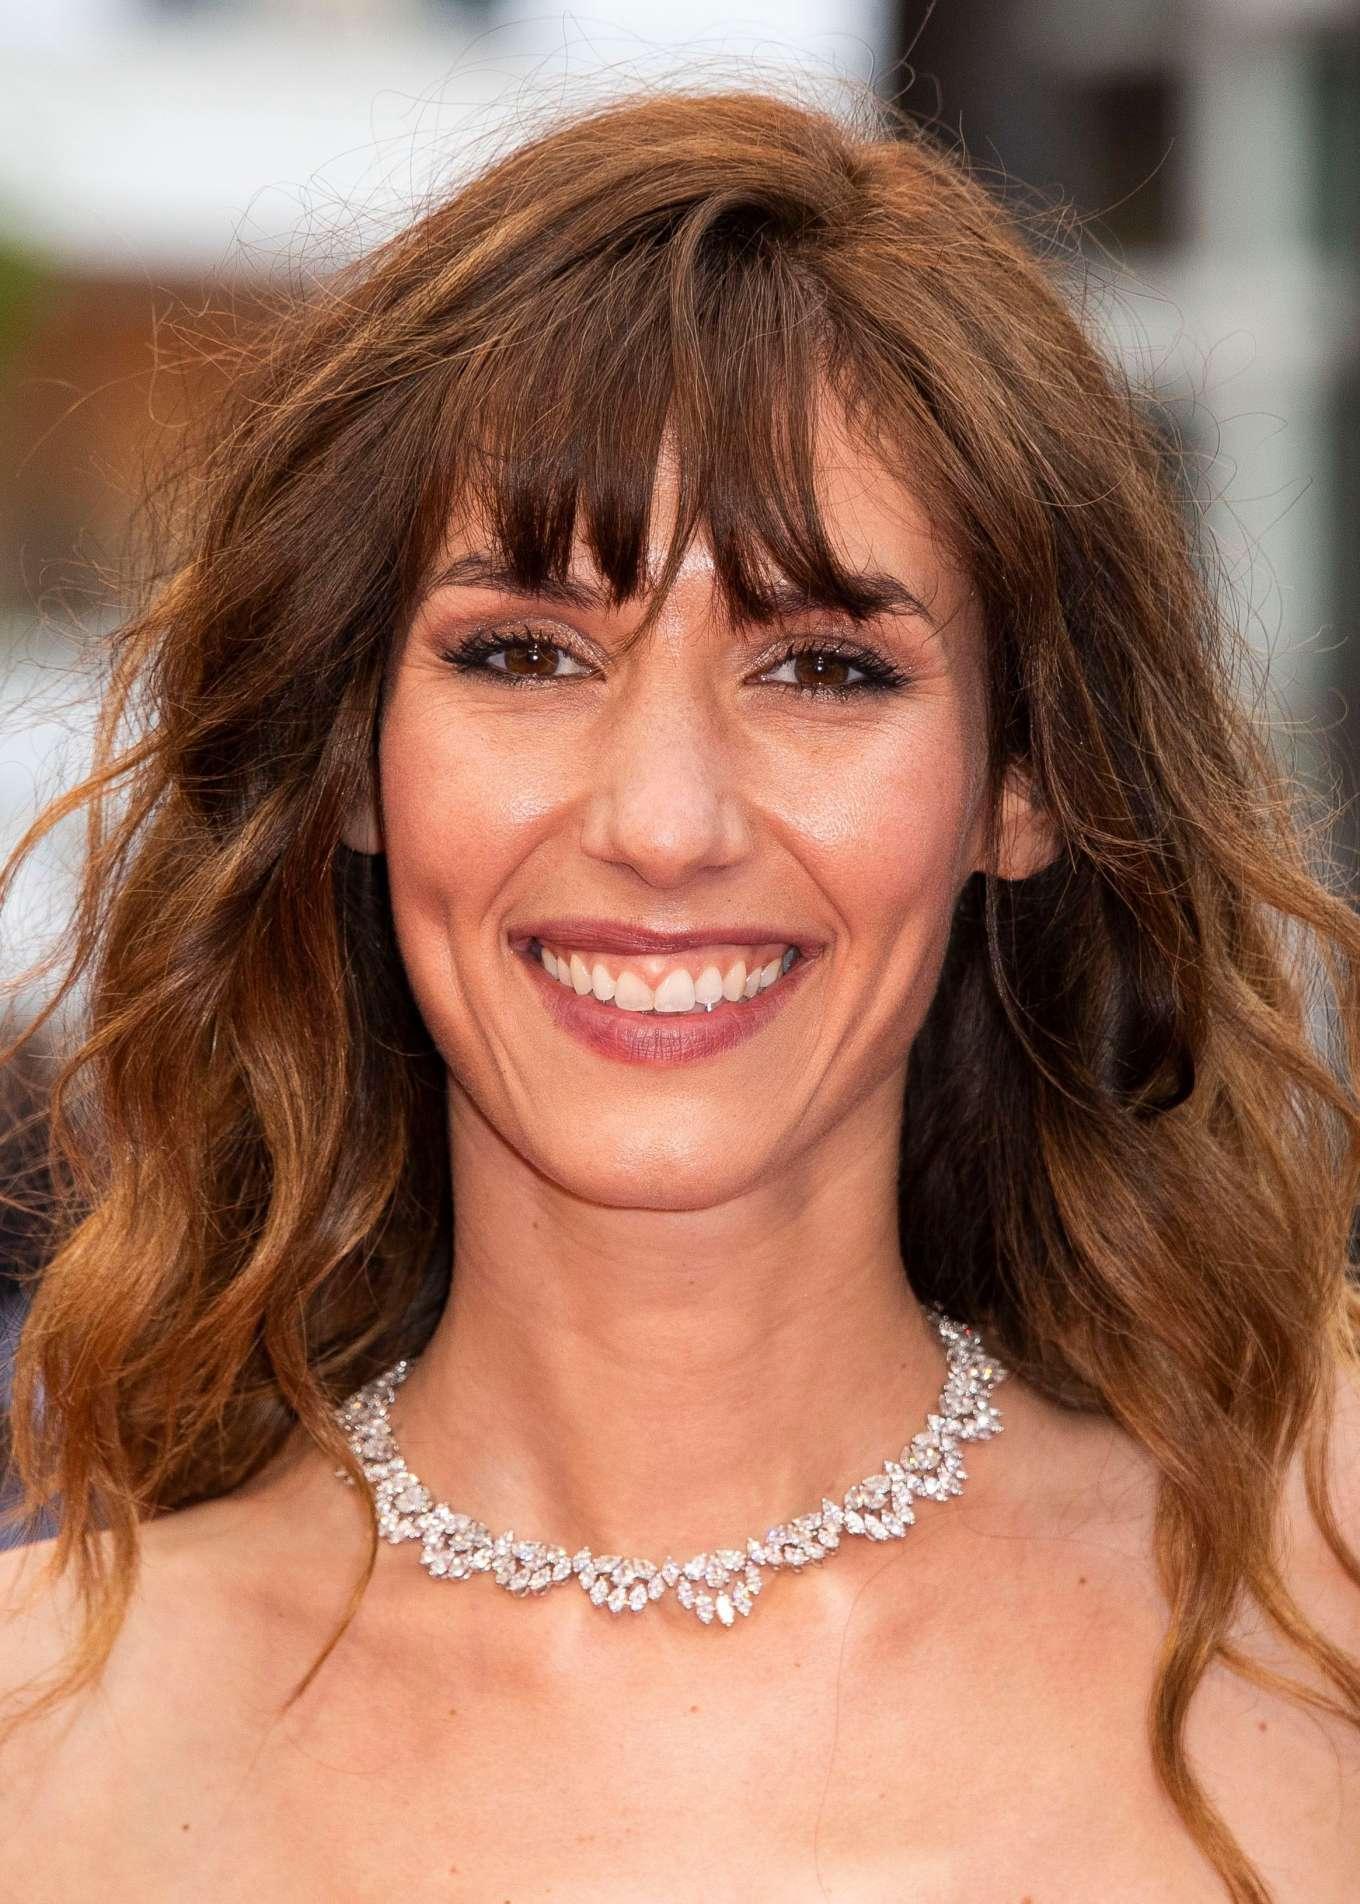 Doria Tillier 2019 : Doria Tillier: La Belle Epoque Premiere at 2019 Cannes Film Festival-01